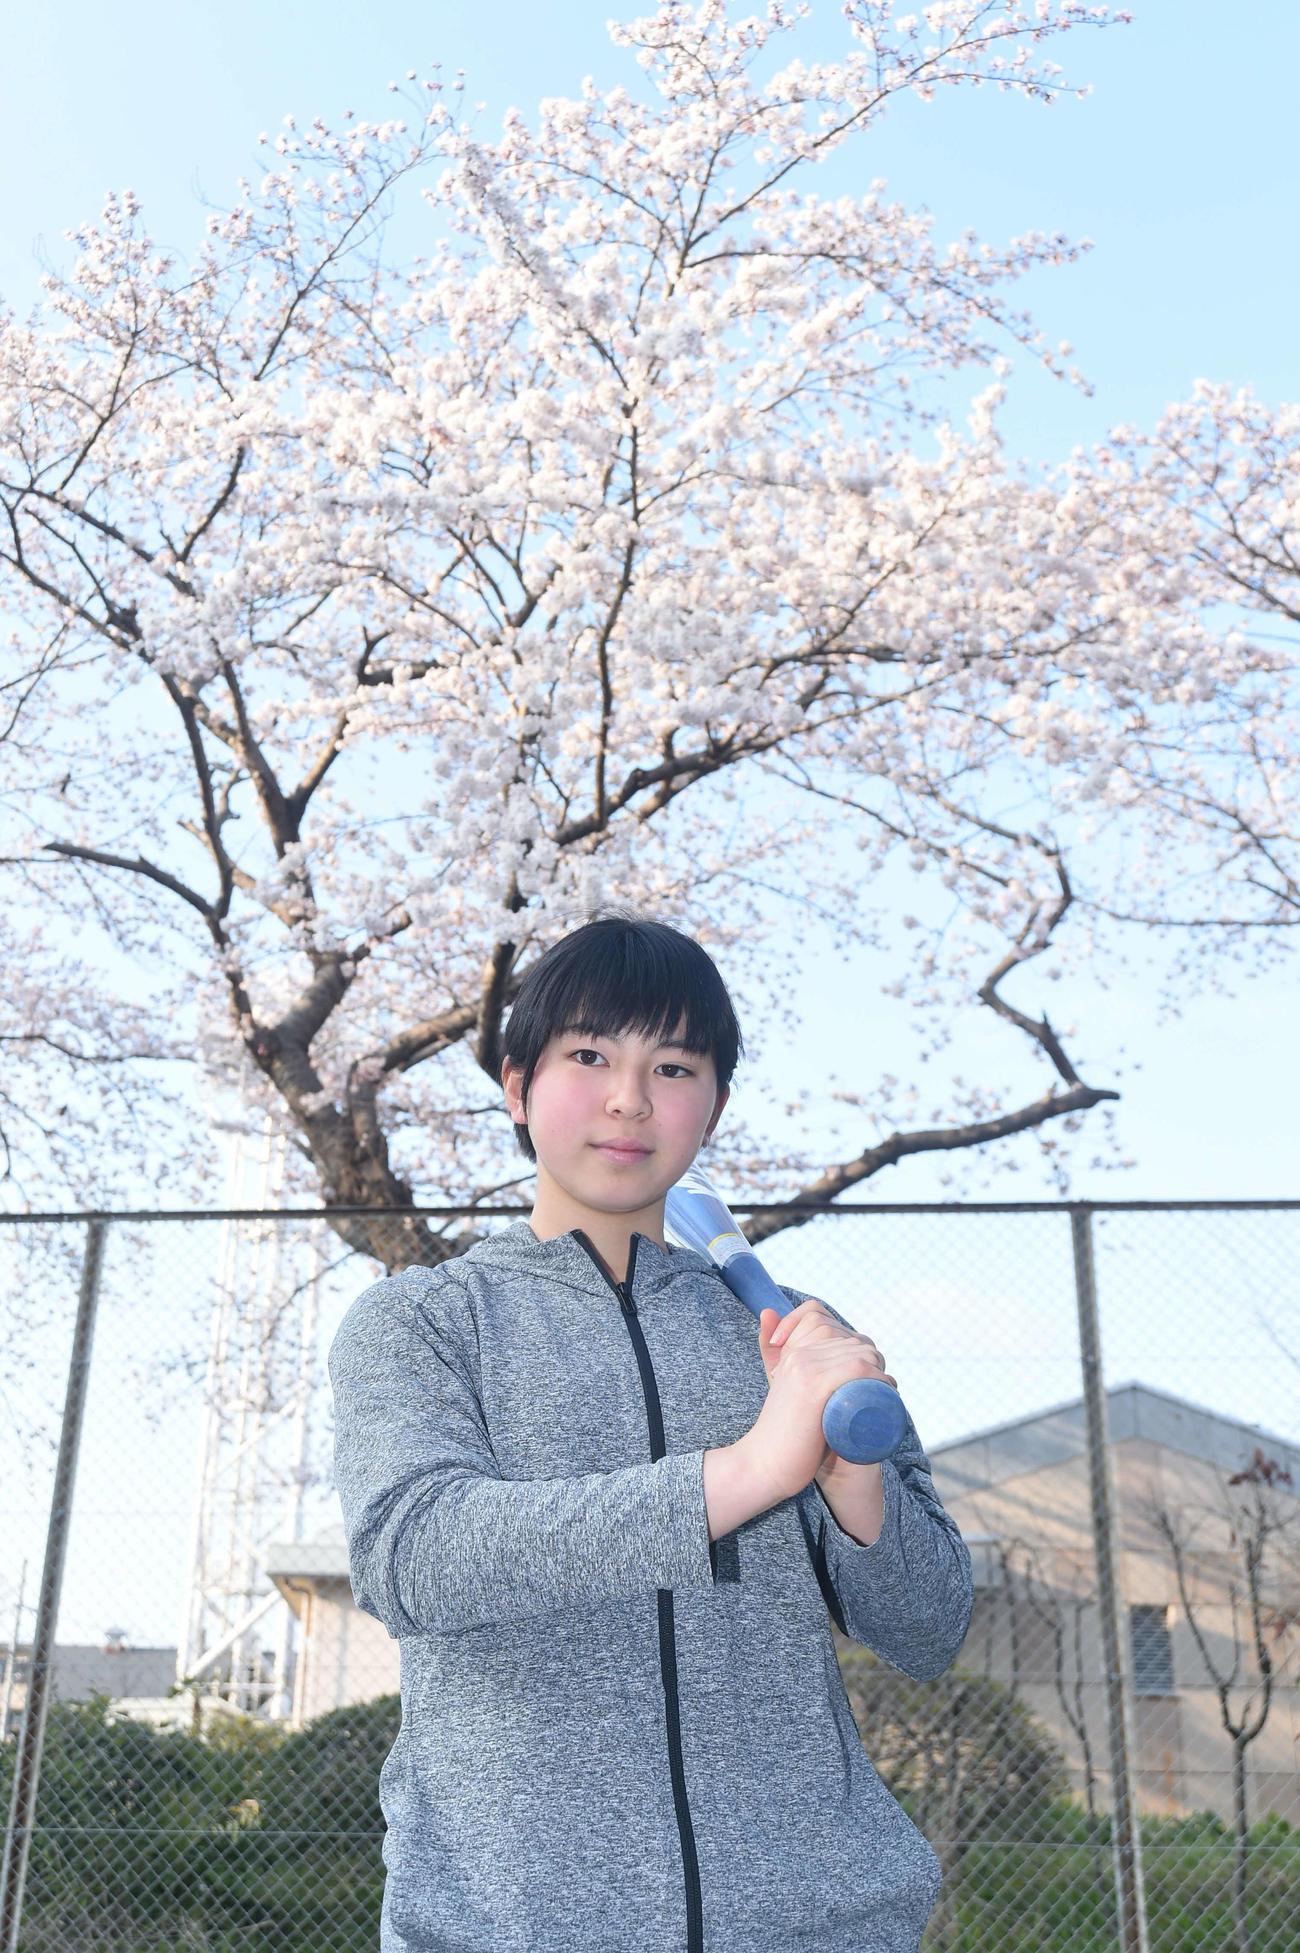 4日、入寮の際に桜の前で決意を新たにしたクラーク仙台・今野(撮影・相沢孔志)